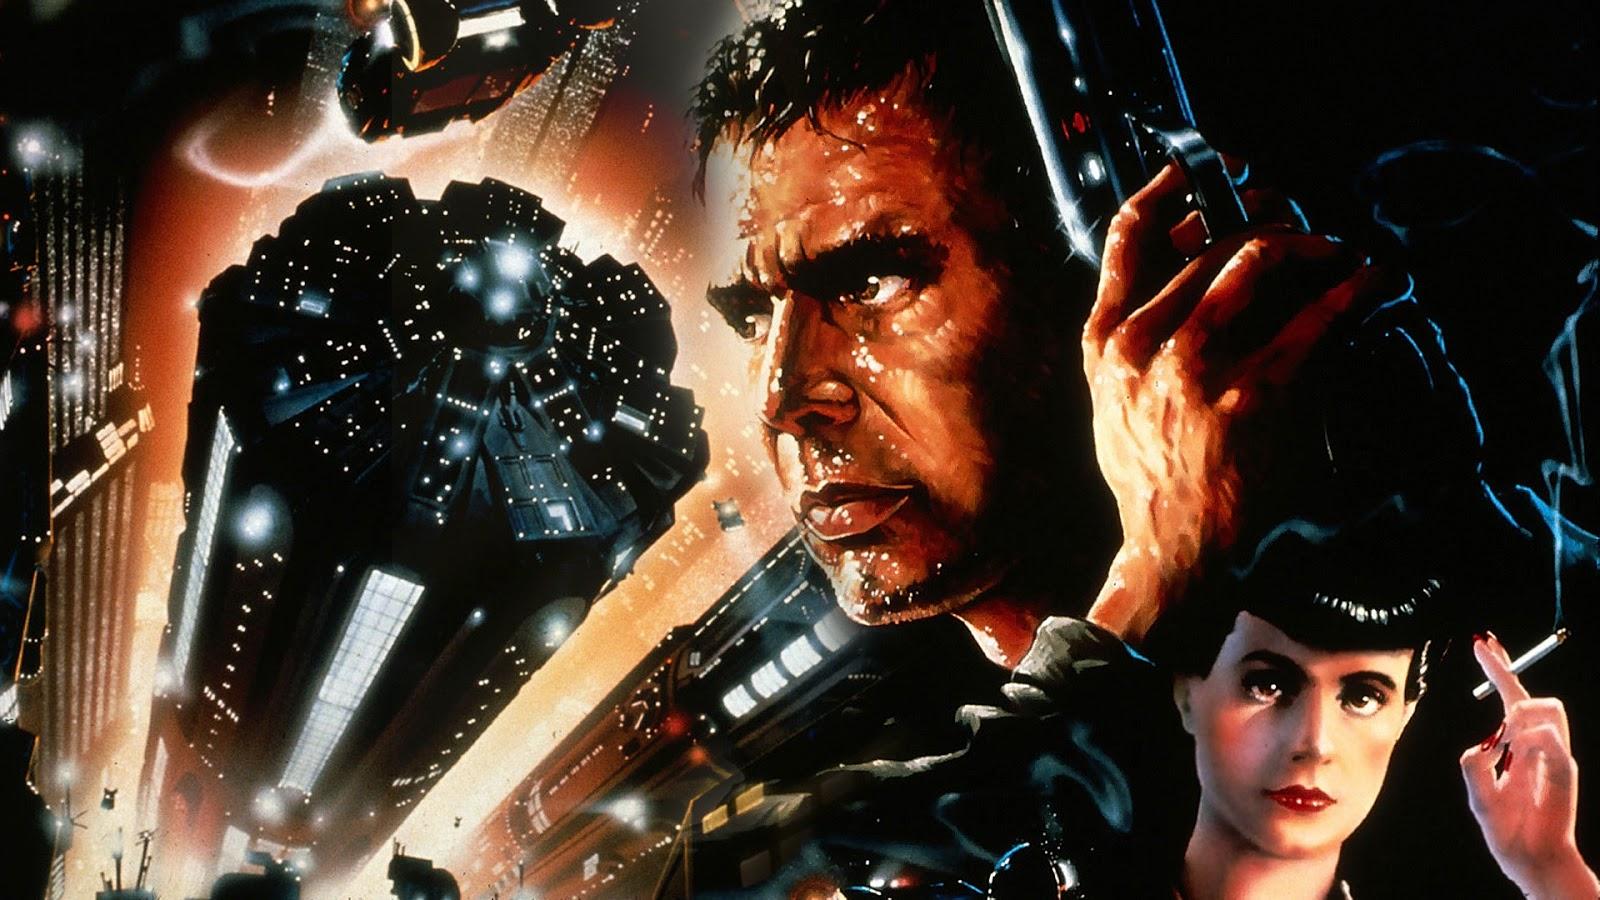 Blade Runner: First we discuss the original